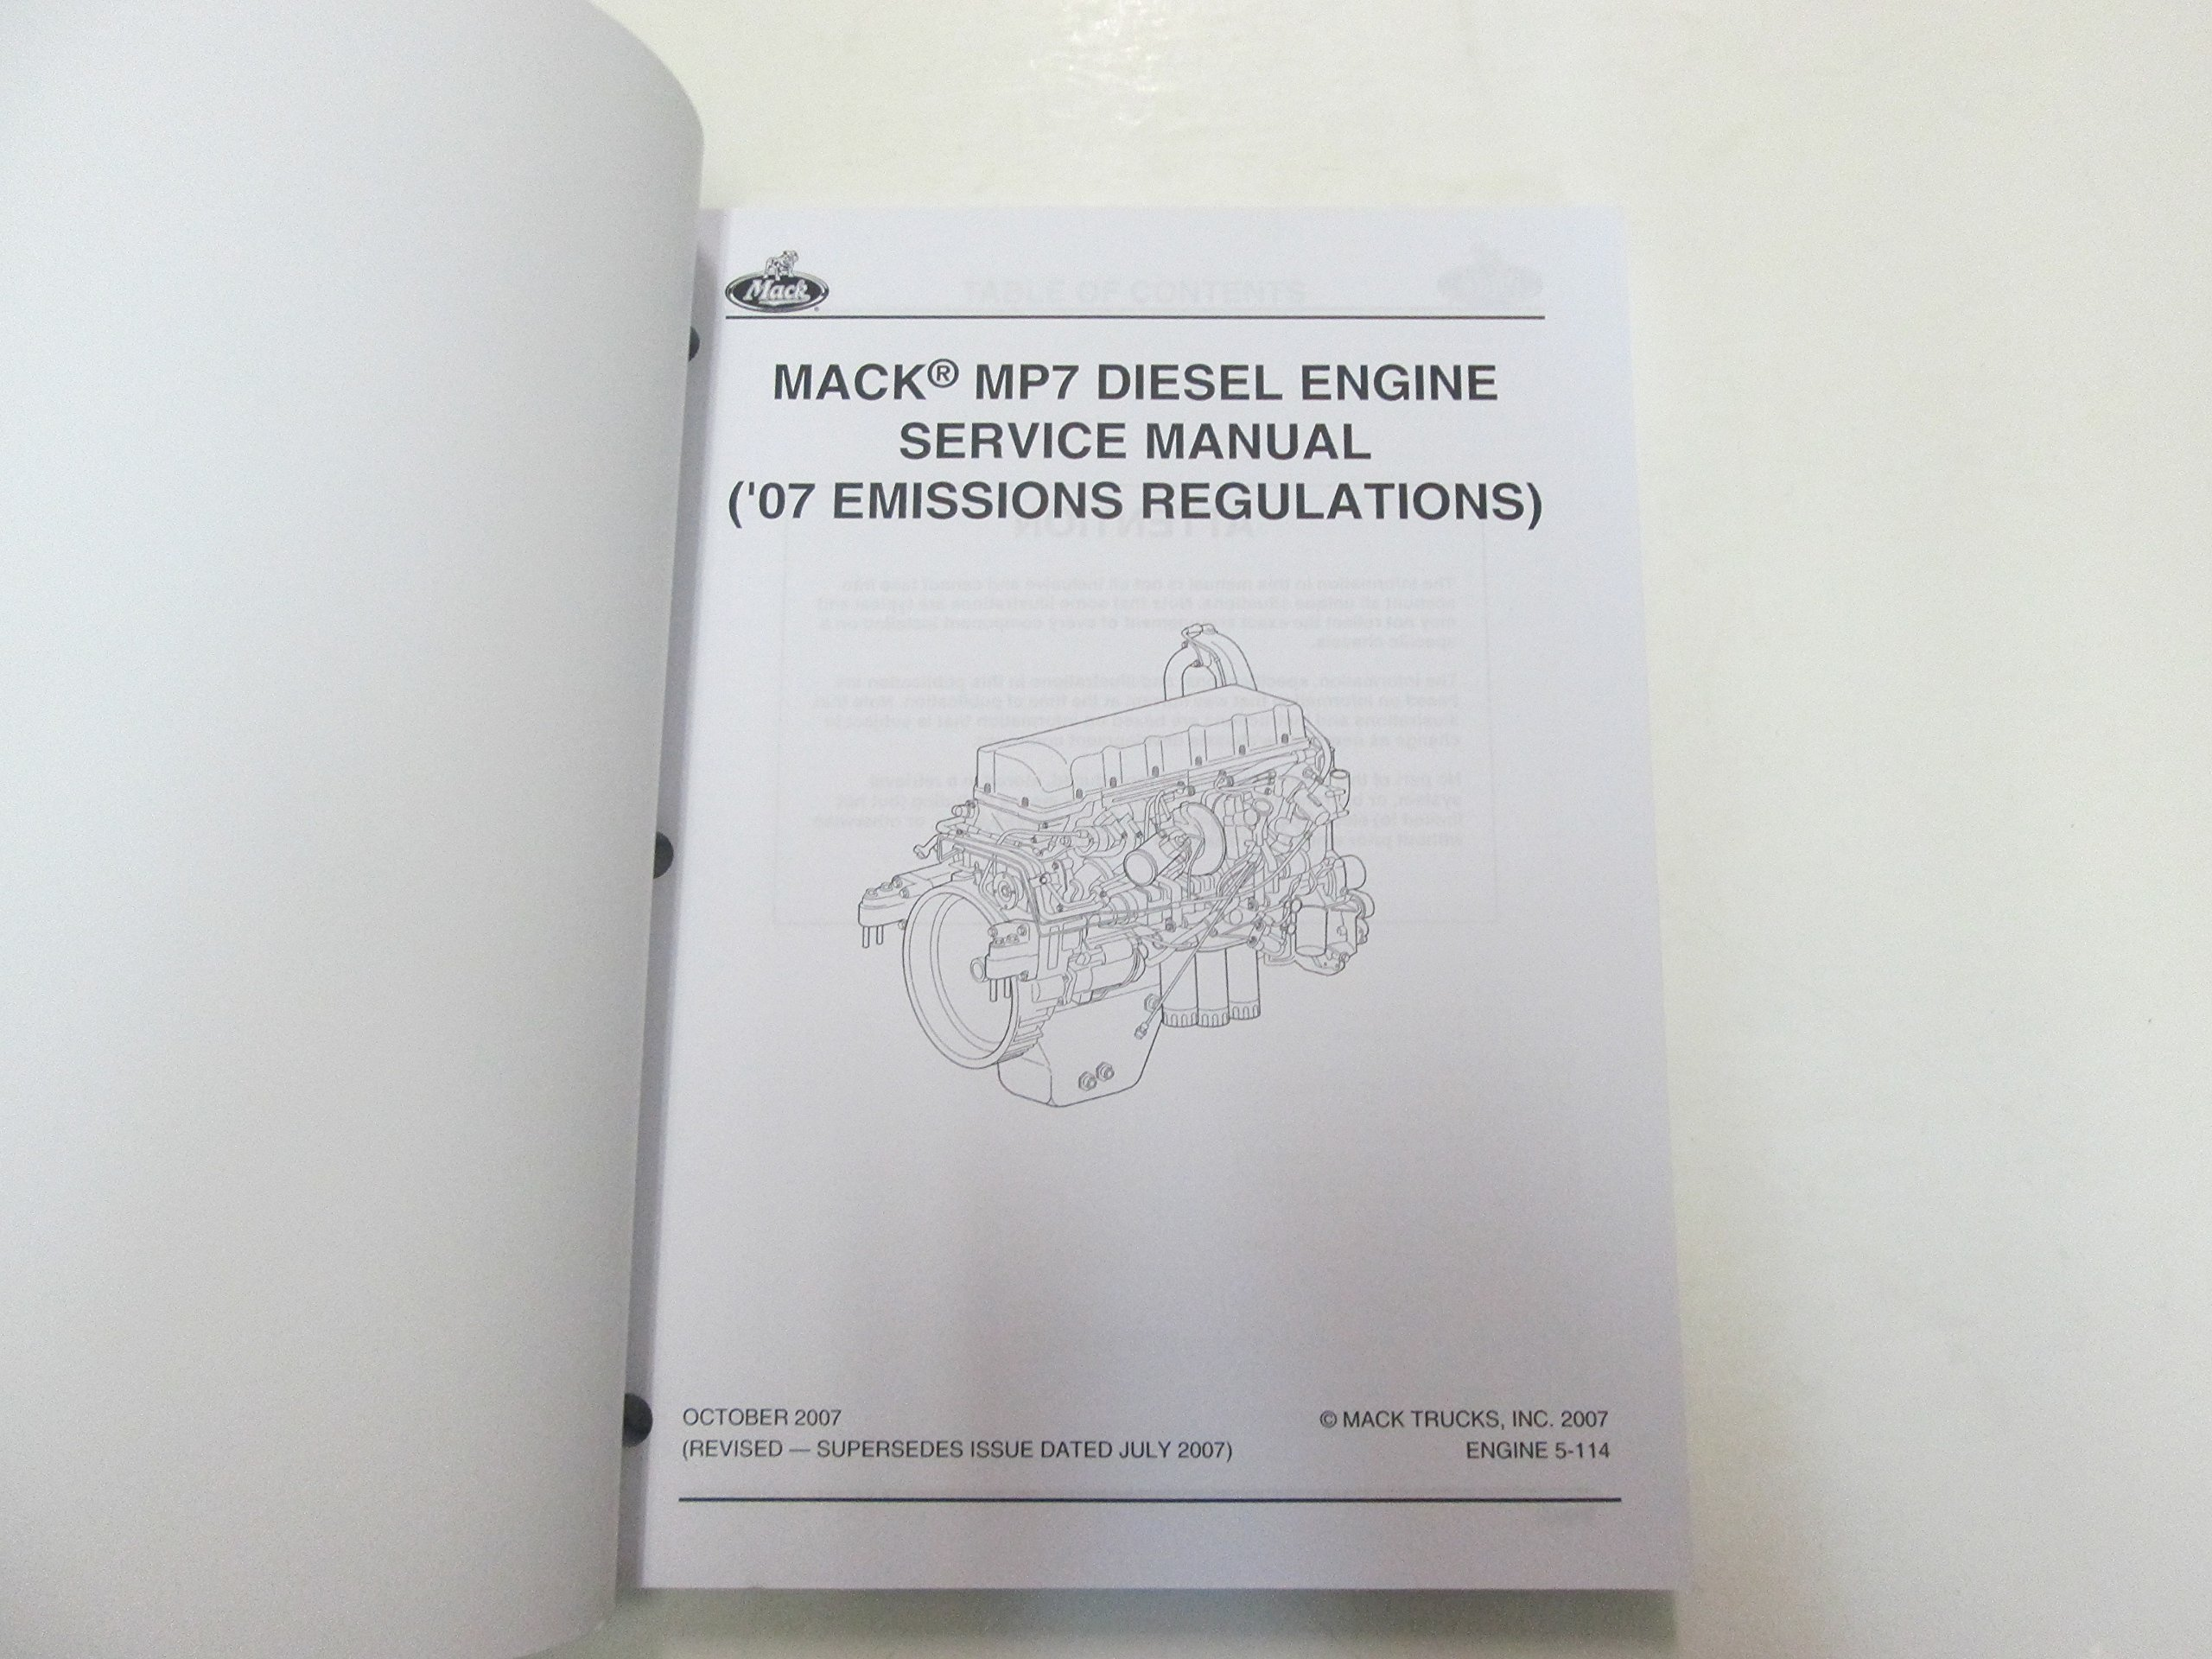 2008 Mack MP7 Diesel Engine 07 Emissions Regulations Service